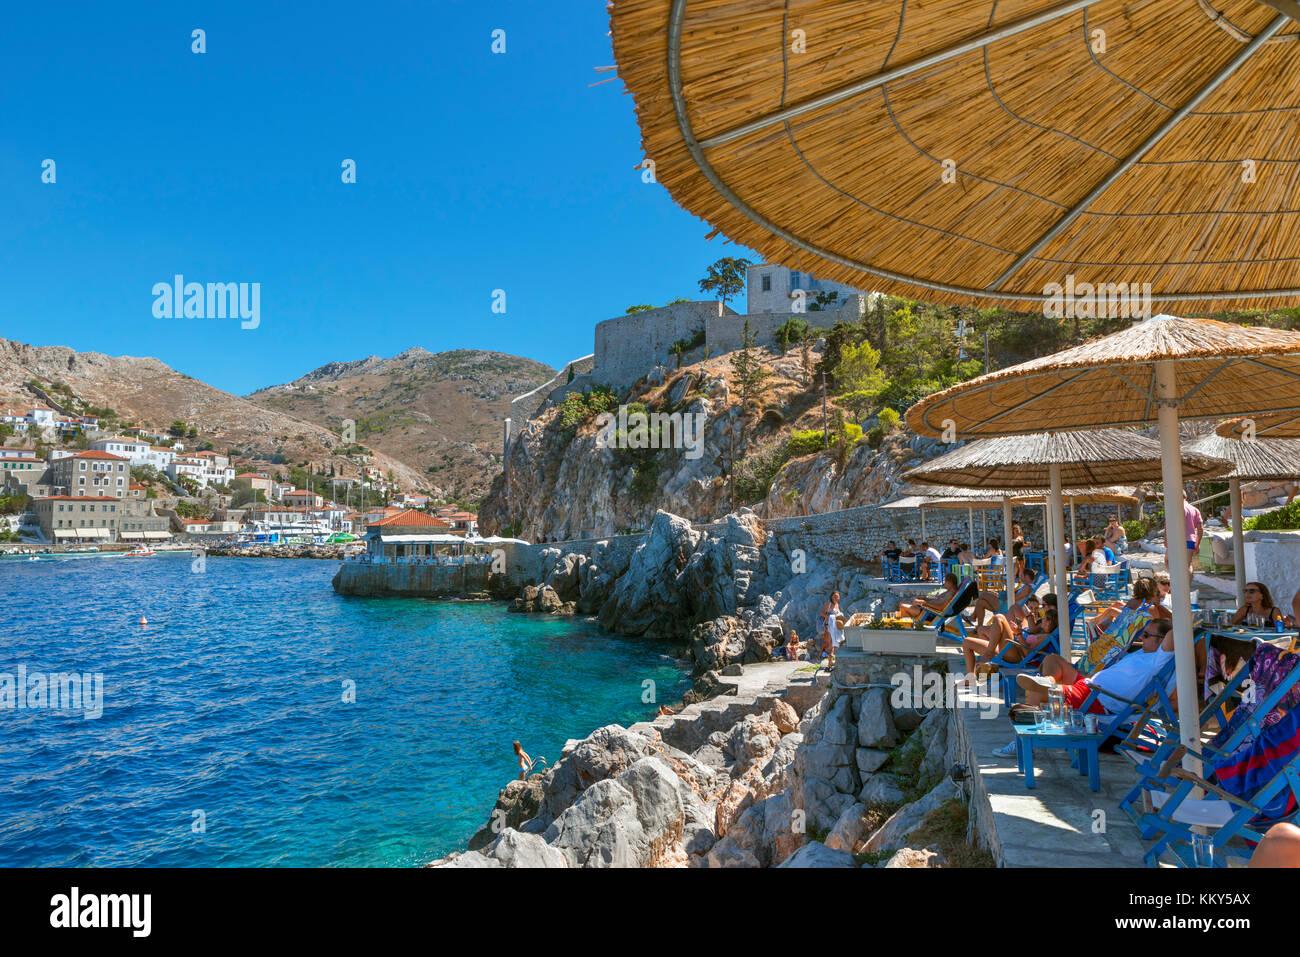 Seafront bar y zona de baño justo en las afueras de la ciudad, Hydra Hydra, Grecia Imagen De Stock